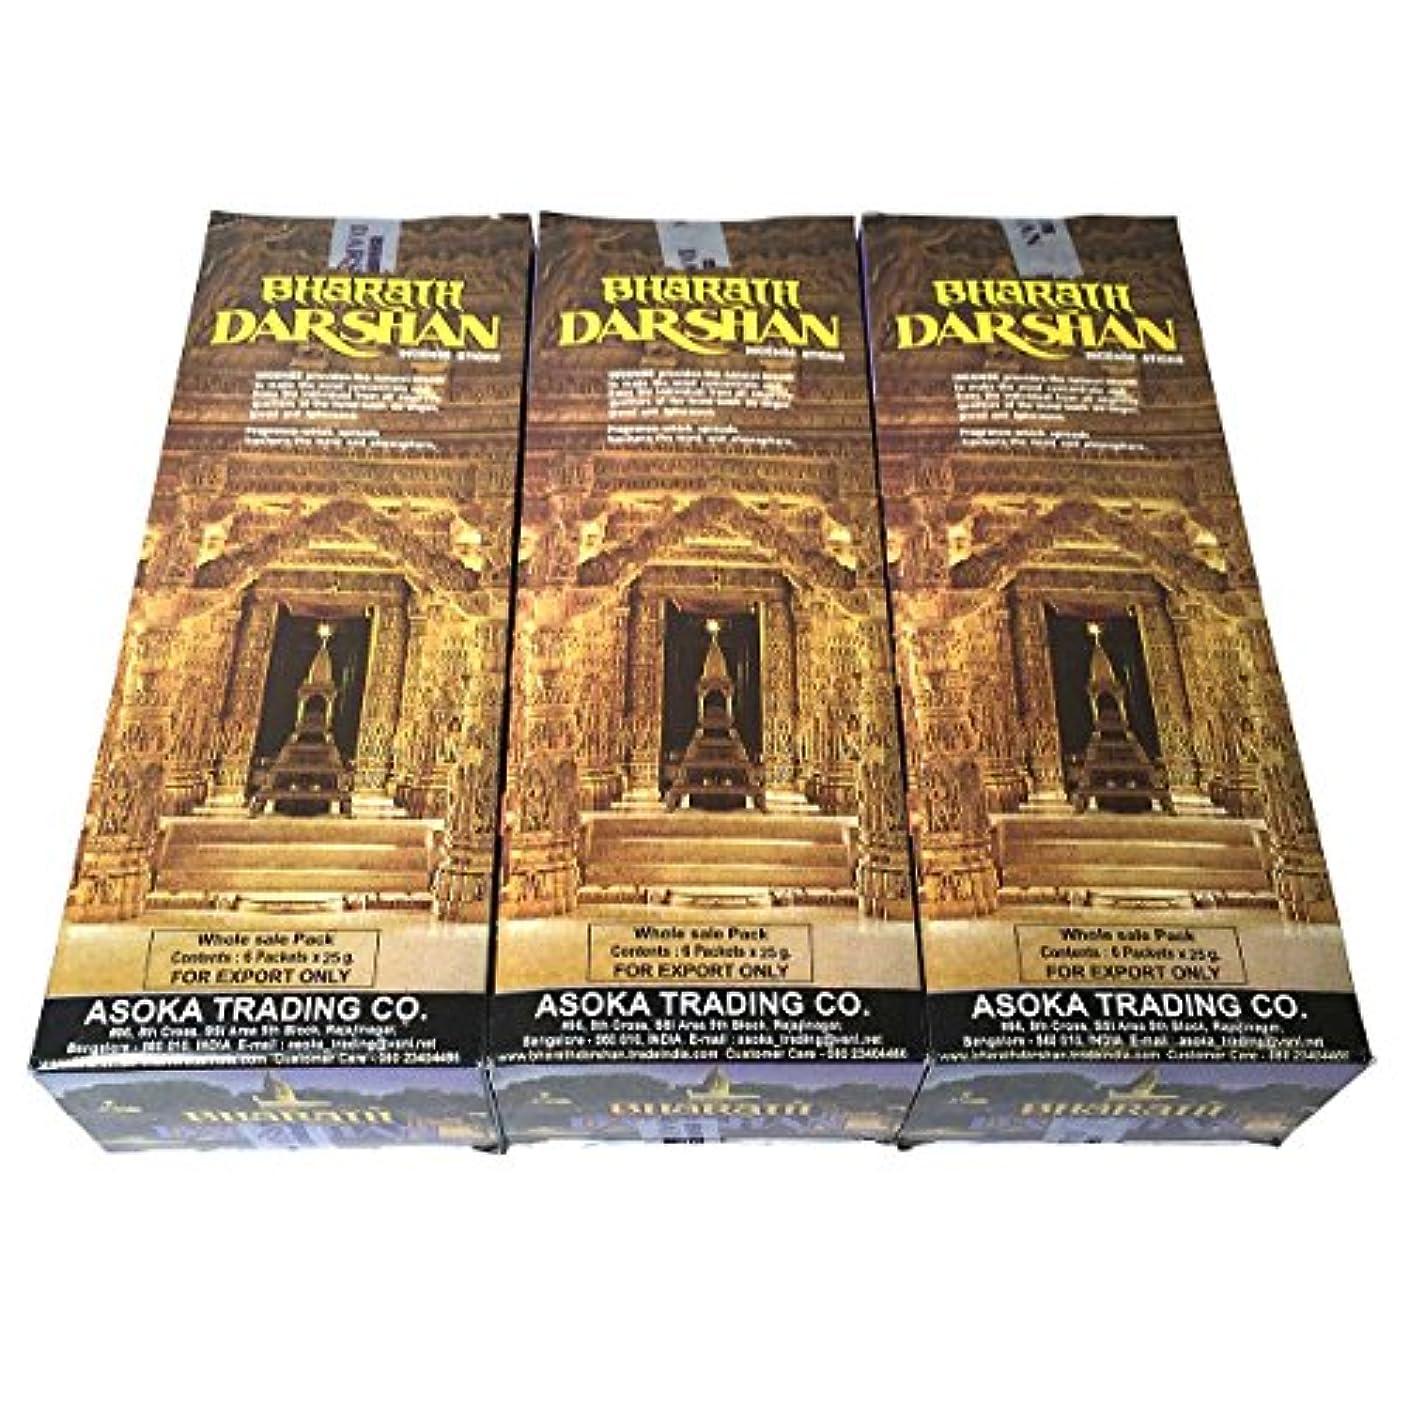 ベスビオ山飾る謎バハラットダルシャン香スティック 3BOX(18箱) /ASOKA TRADING BHARATH DARSHAN/インセンス/インド香 お香 [並行輸入品]